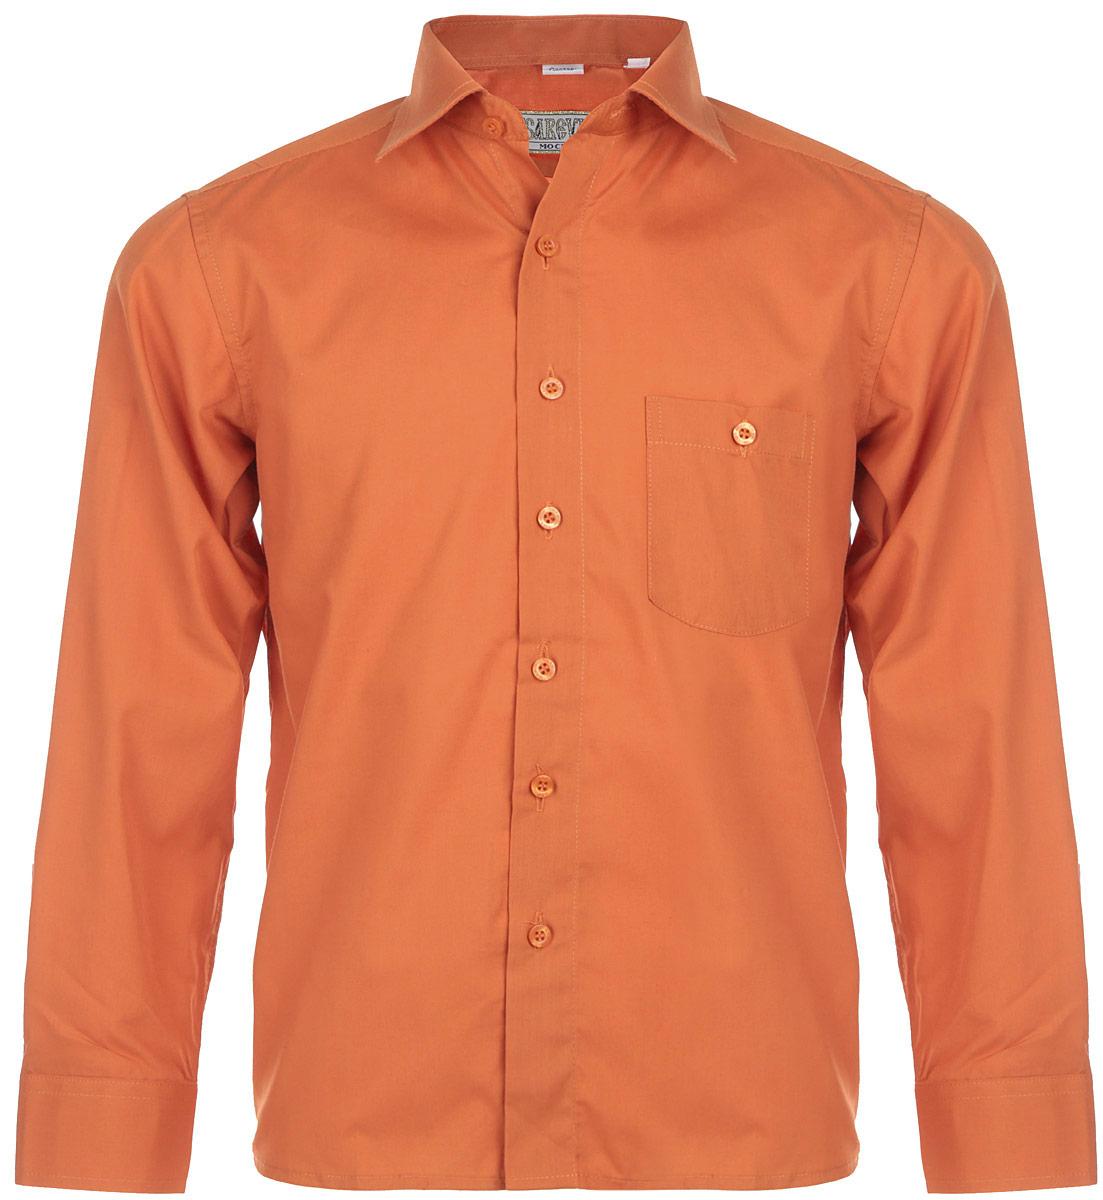 Рубашка для мальчика Tsarevich, цвет: темно-оранжевый. KR-68. Размер 30/128-134, 7-8 летKR-68Стильная рубашка для мальчика Tsarevich идеально подойдет вашему юному мужчине. Изготовленная из хлопка с добавлением полиэстера, она мягкая и приятная на ощупь, не сковывает движения и позволяет коже дышать, не раздражает даже самую нежную и чувствительную кожу ребенка, обеспечивая ему наибольший комфорт. Модель классического кроя с длинными рукавами и отложным воротничком застегивается по всей длине на пуговицы. На груди располагается накладной карман на пуговице. Края рукавов дополнены широкими манжетами на пуговицах. Такая рубашка будет прекрасно смотреться с брюками и джинсами. Она станет неотъемлемой частью детского гардероба.